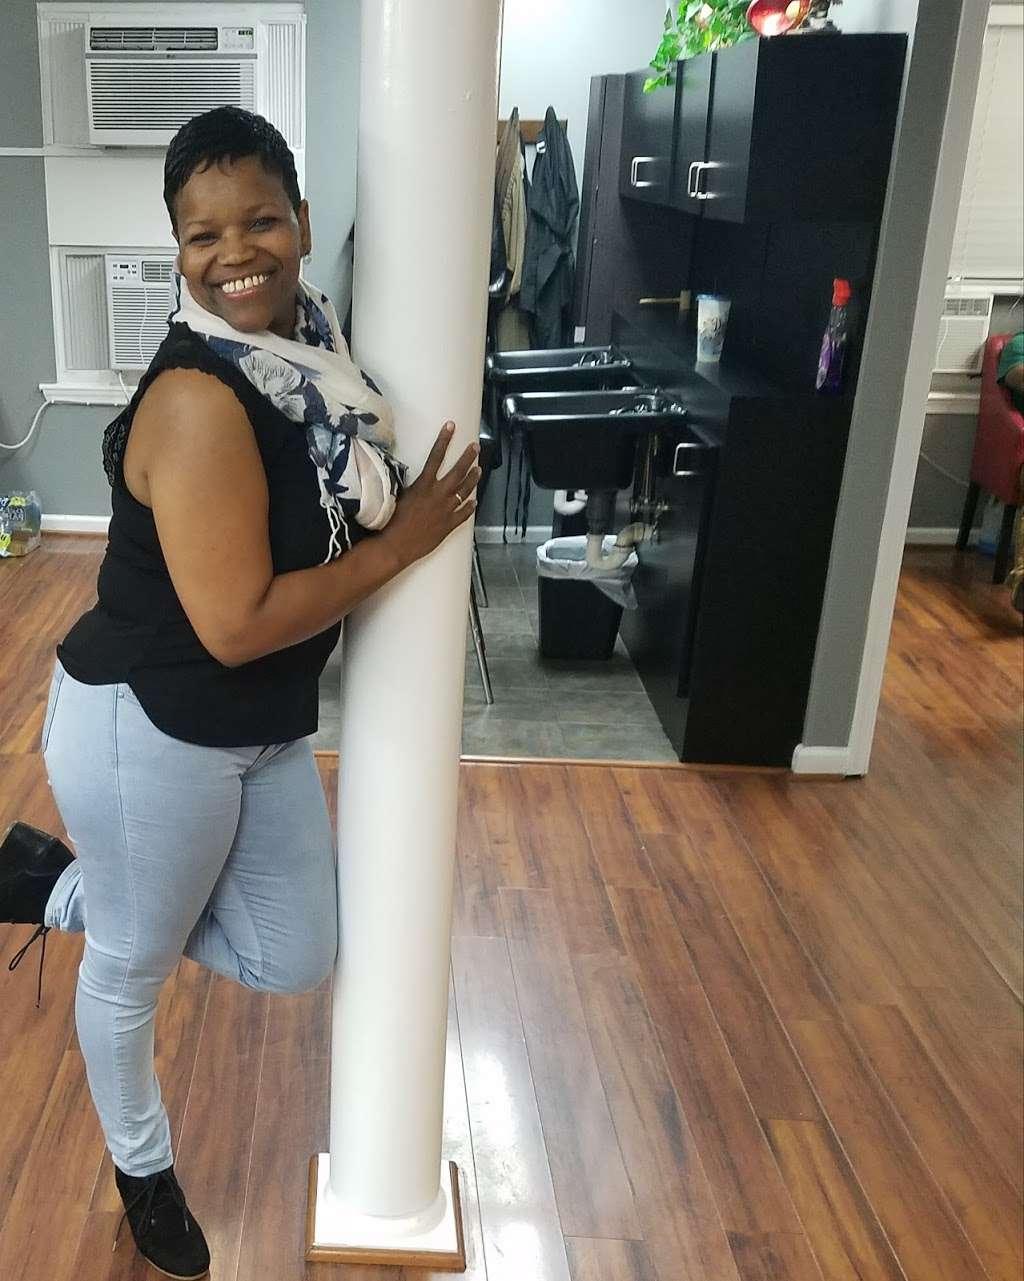 JaiStylz Hair Salon - hair care  | Photo 8 of 10 | Address: 5000 Pennsylvania Ave J, Suitland-Silver Hill, MD 20746, USA | Phone: (301) 967-4044